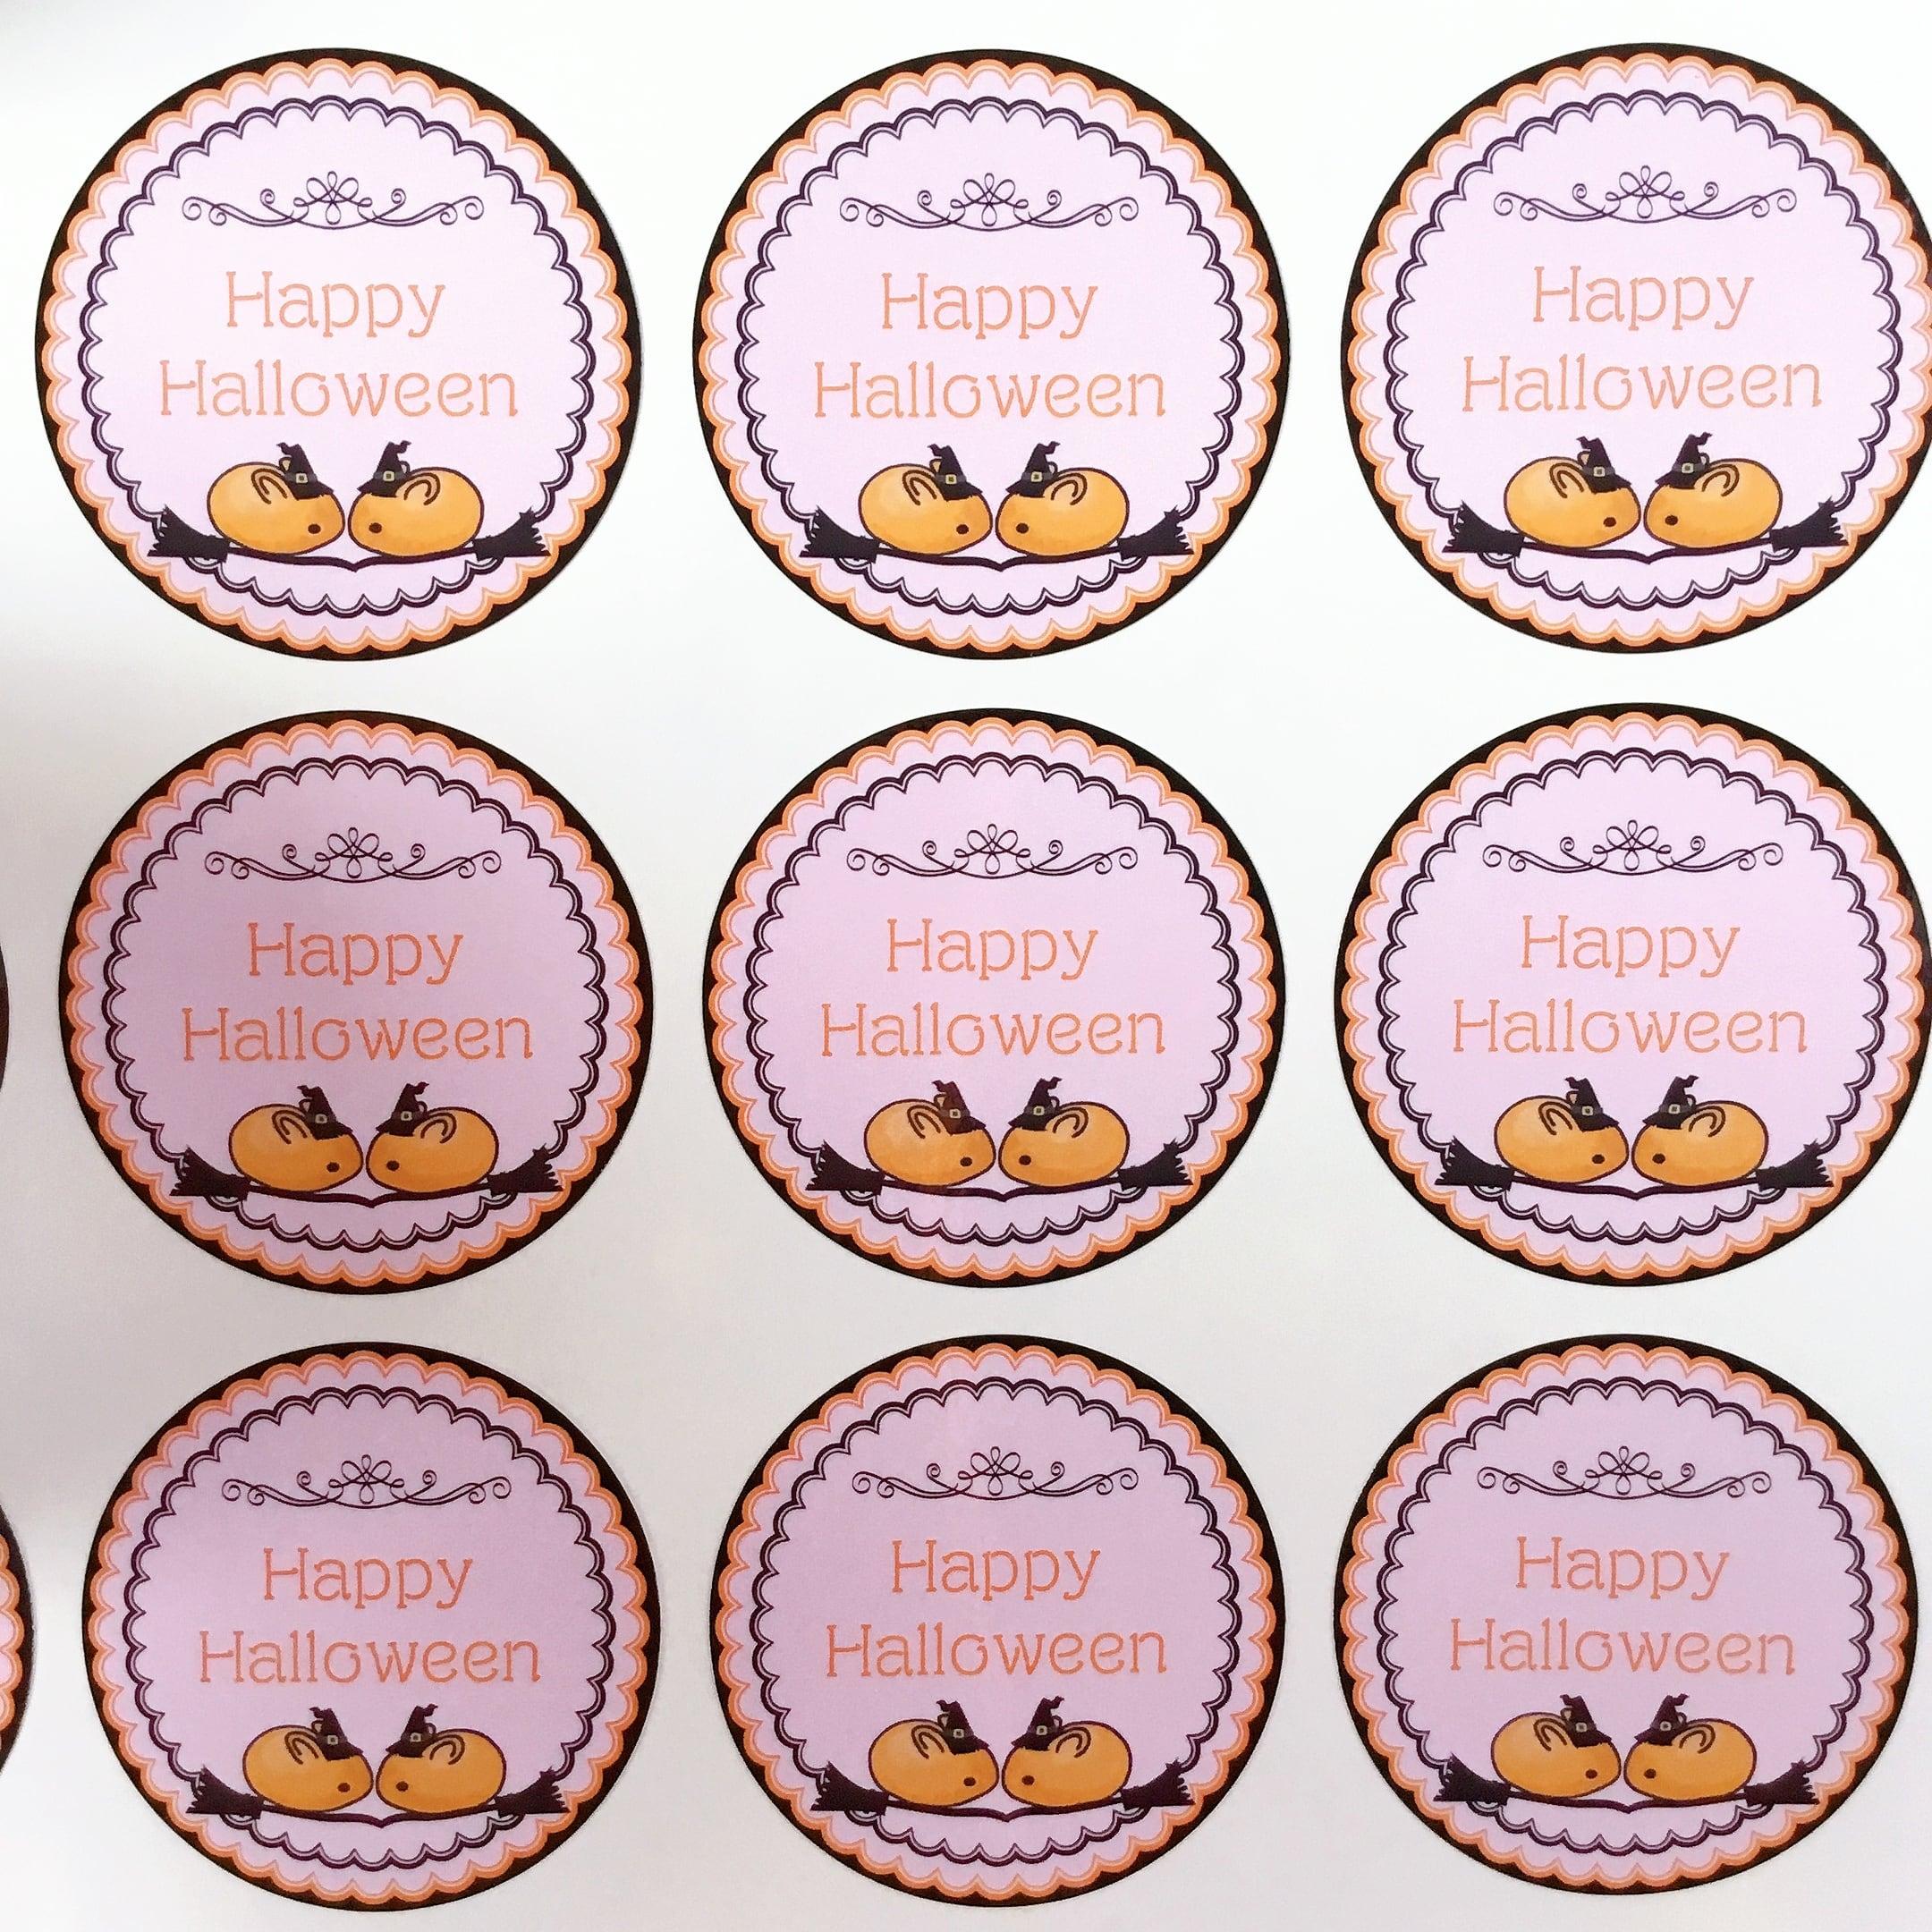 ≪常温便≫レギュラー味10羽セット(プレーン4羽、黒糖3羽、シークヮーサー3羽)(焼き菓子/フィナンシェ/お菓子ギフト)